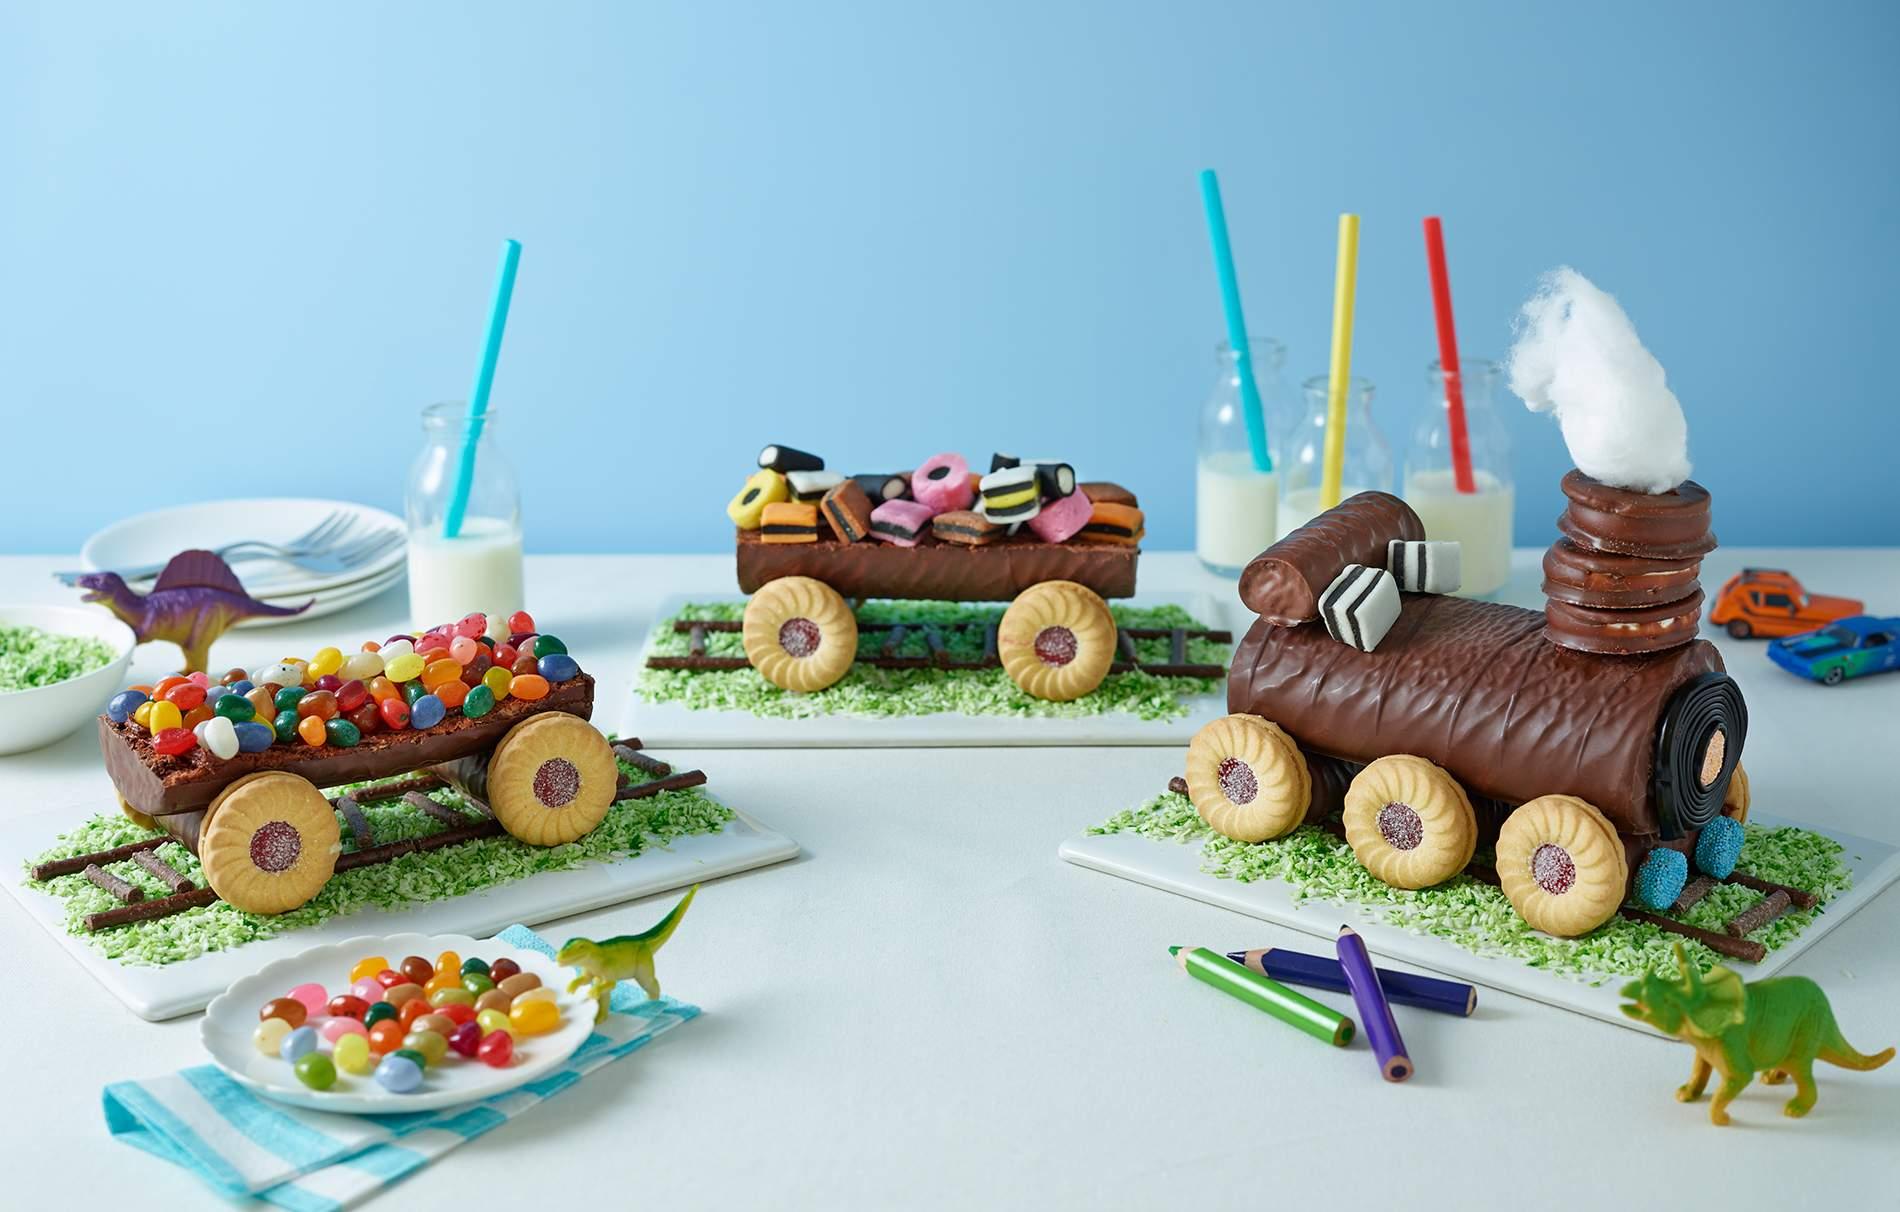 Pastel de tren sin hornear El pastel de tren sin horneado es TAN fácil de ensamblar a partir de pasteles y galletas comprados en la tienda, pero vale la pena el esfuerzo para hacer este impresionante pastel. Perfecto para una fiesta infantil